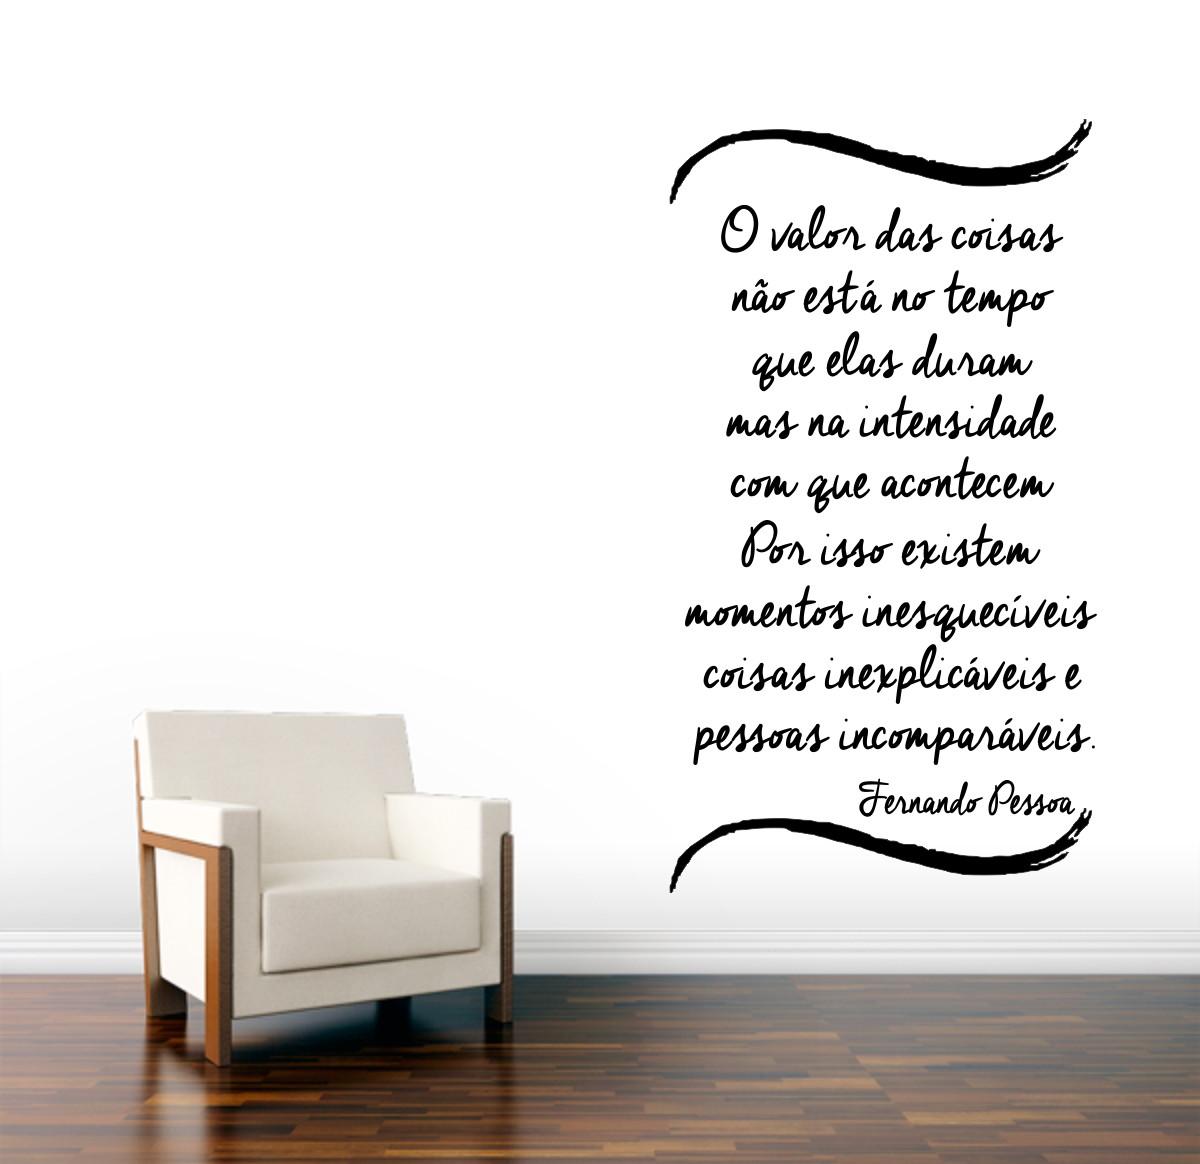 Adesivo Parede Frase O Valor Das Coisas No Elo7 Clicsul Adesivos